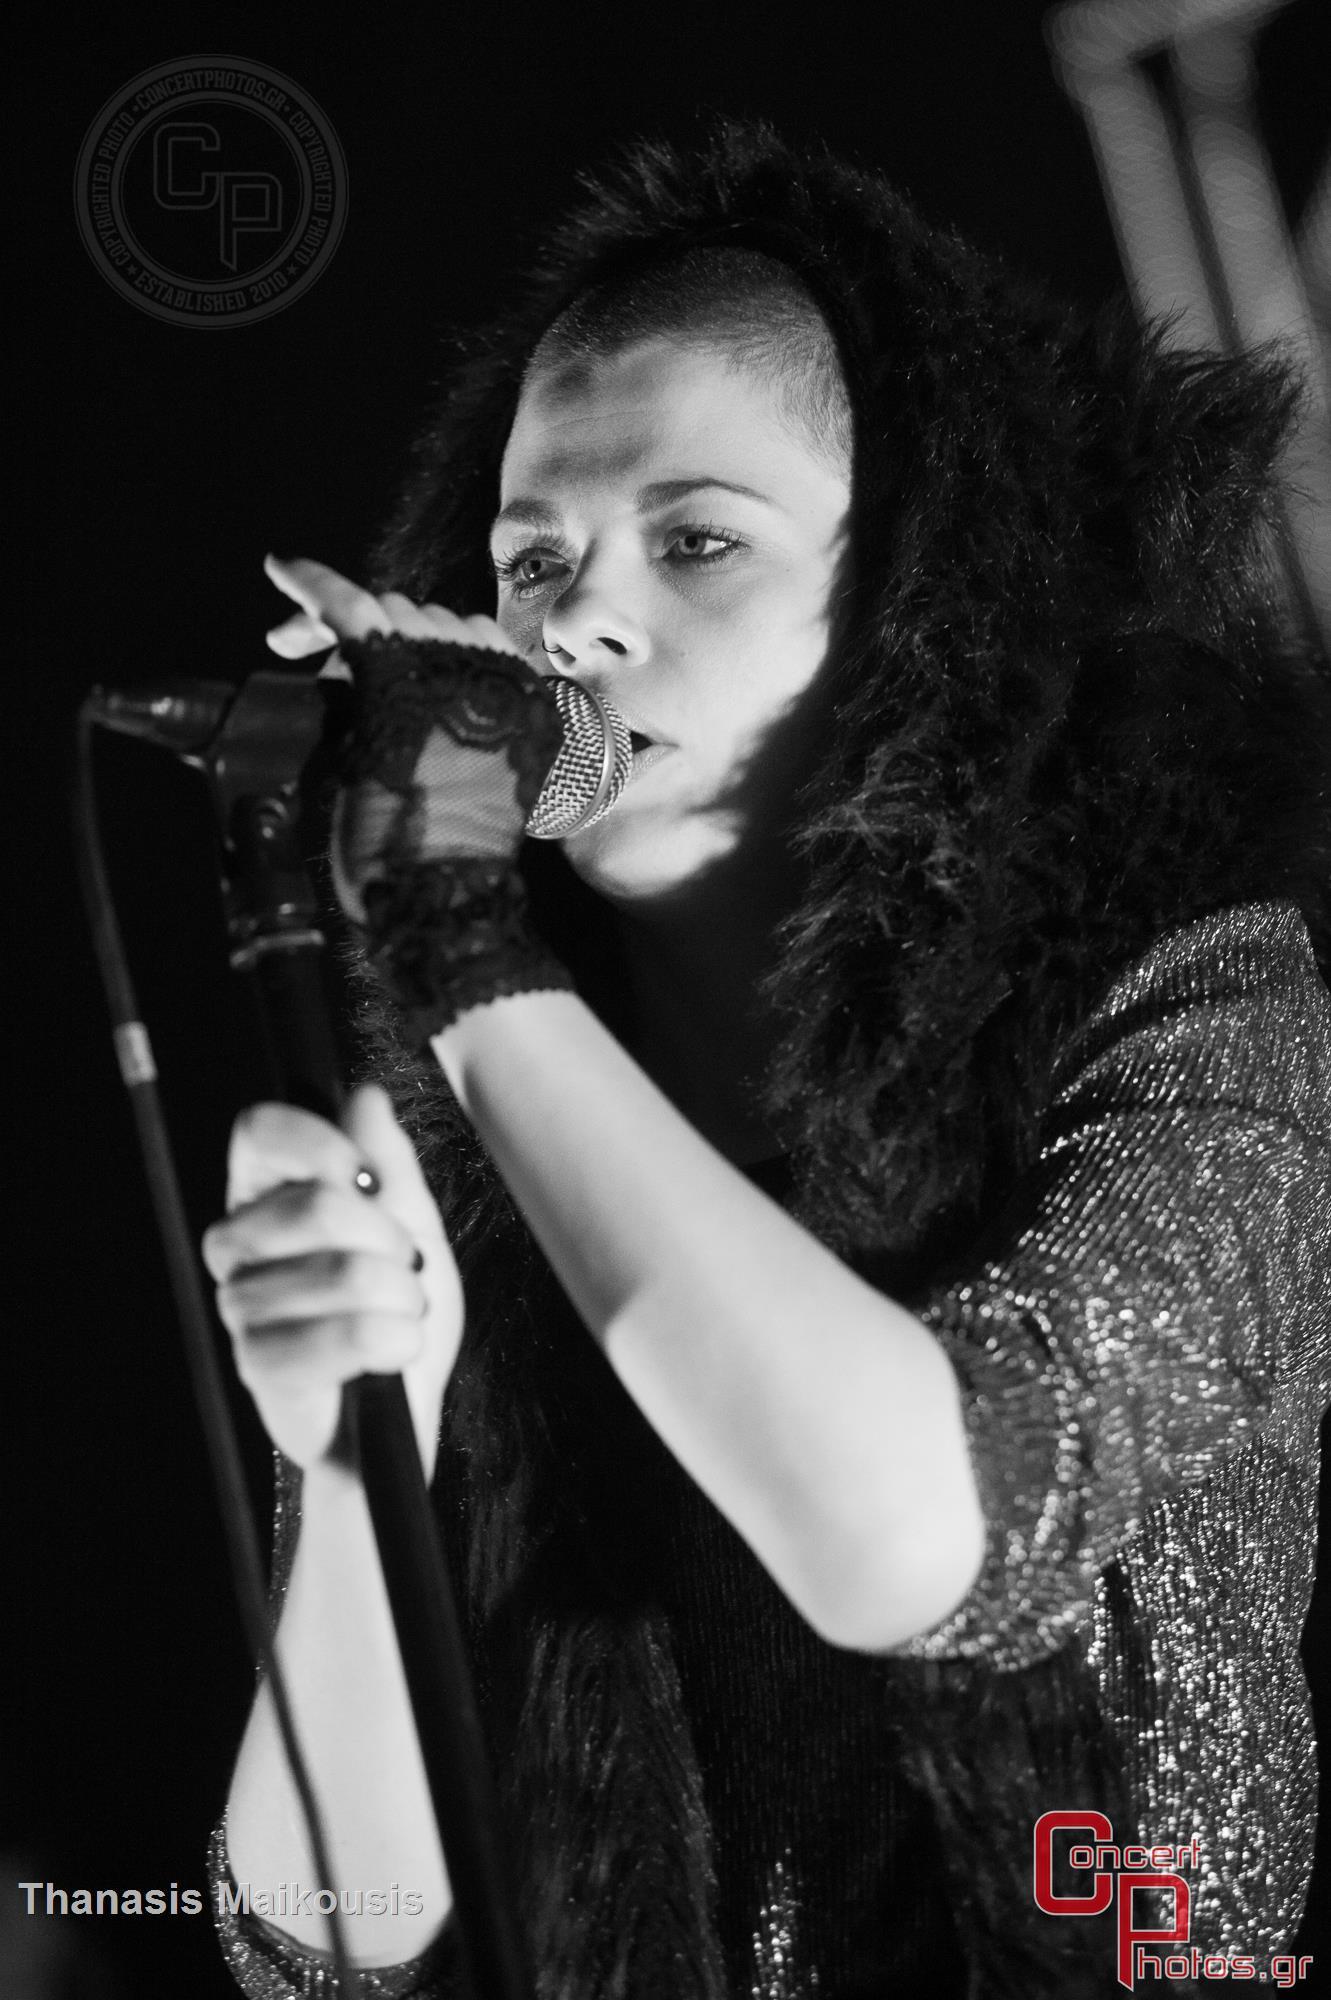 Kovacs Moka Band Angelika Dusk Greeklish Babylon-Kovacs Moka Band Angelika Dusk Greeklish Babylon photographer: Thanasis Maikousis - ConcertPhotos - 20150424_2240_04